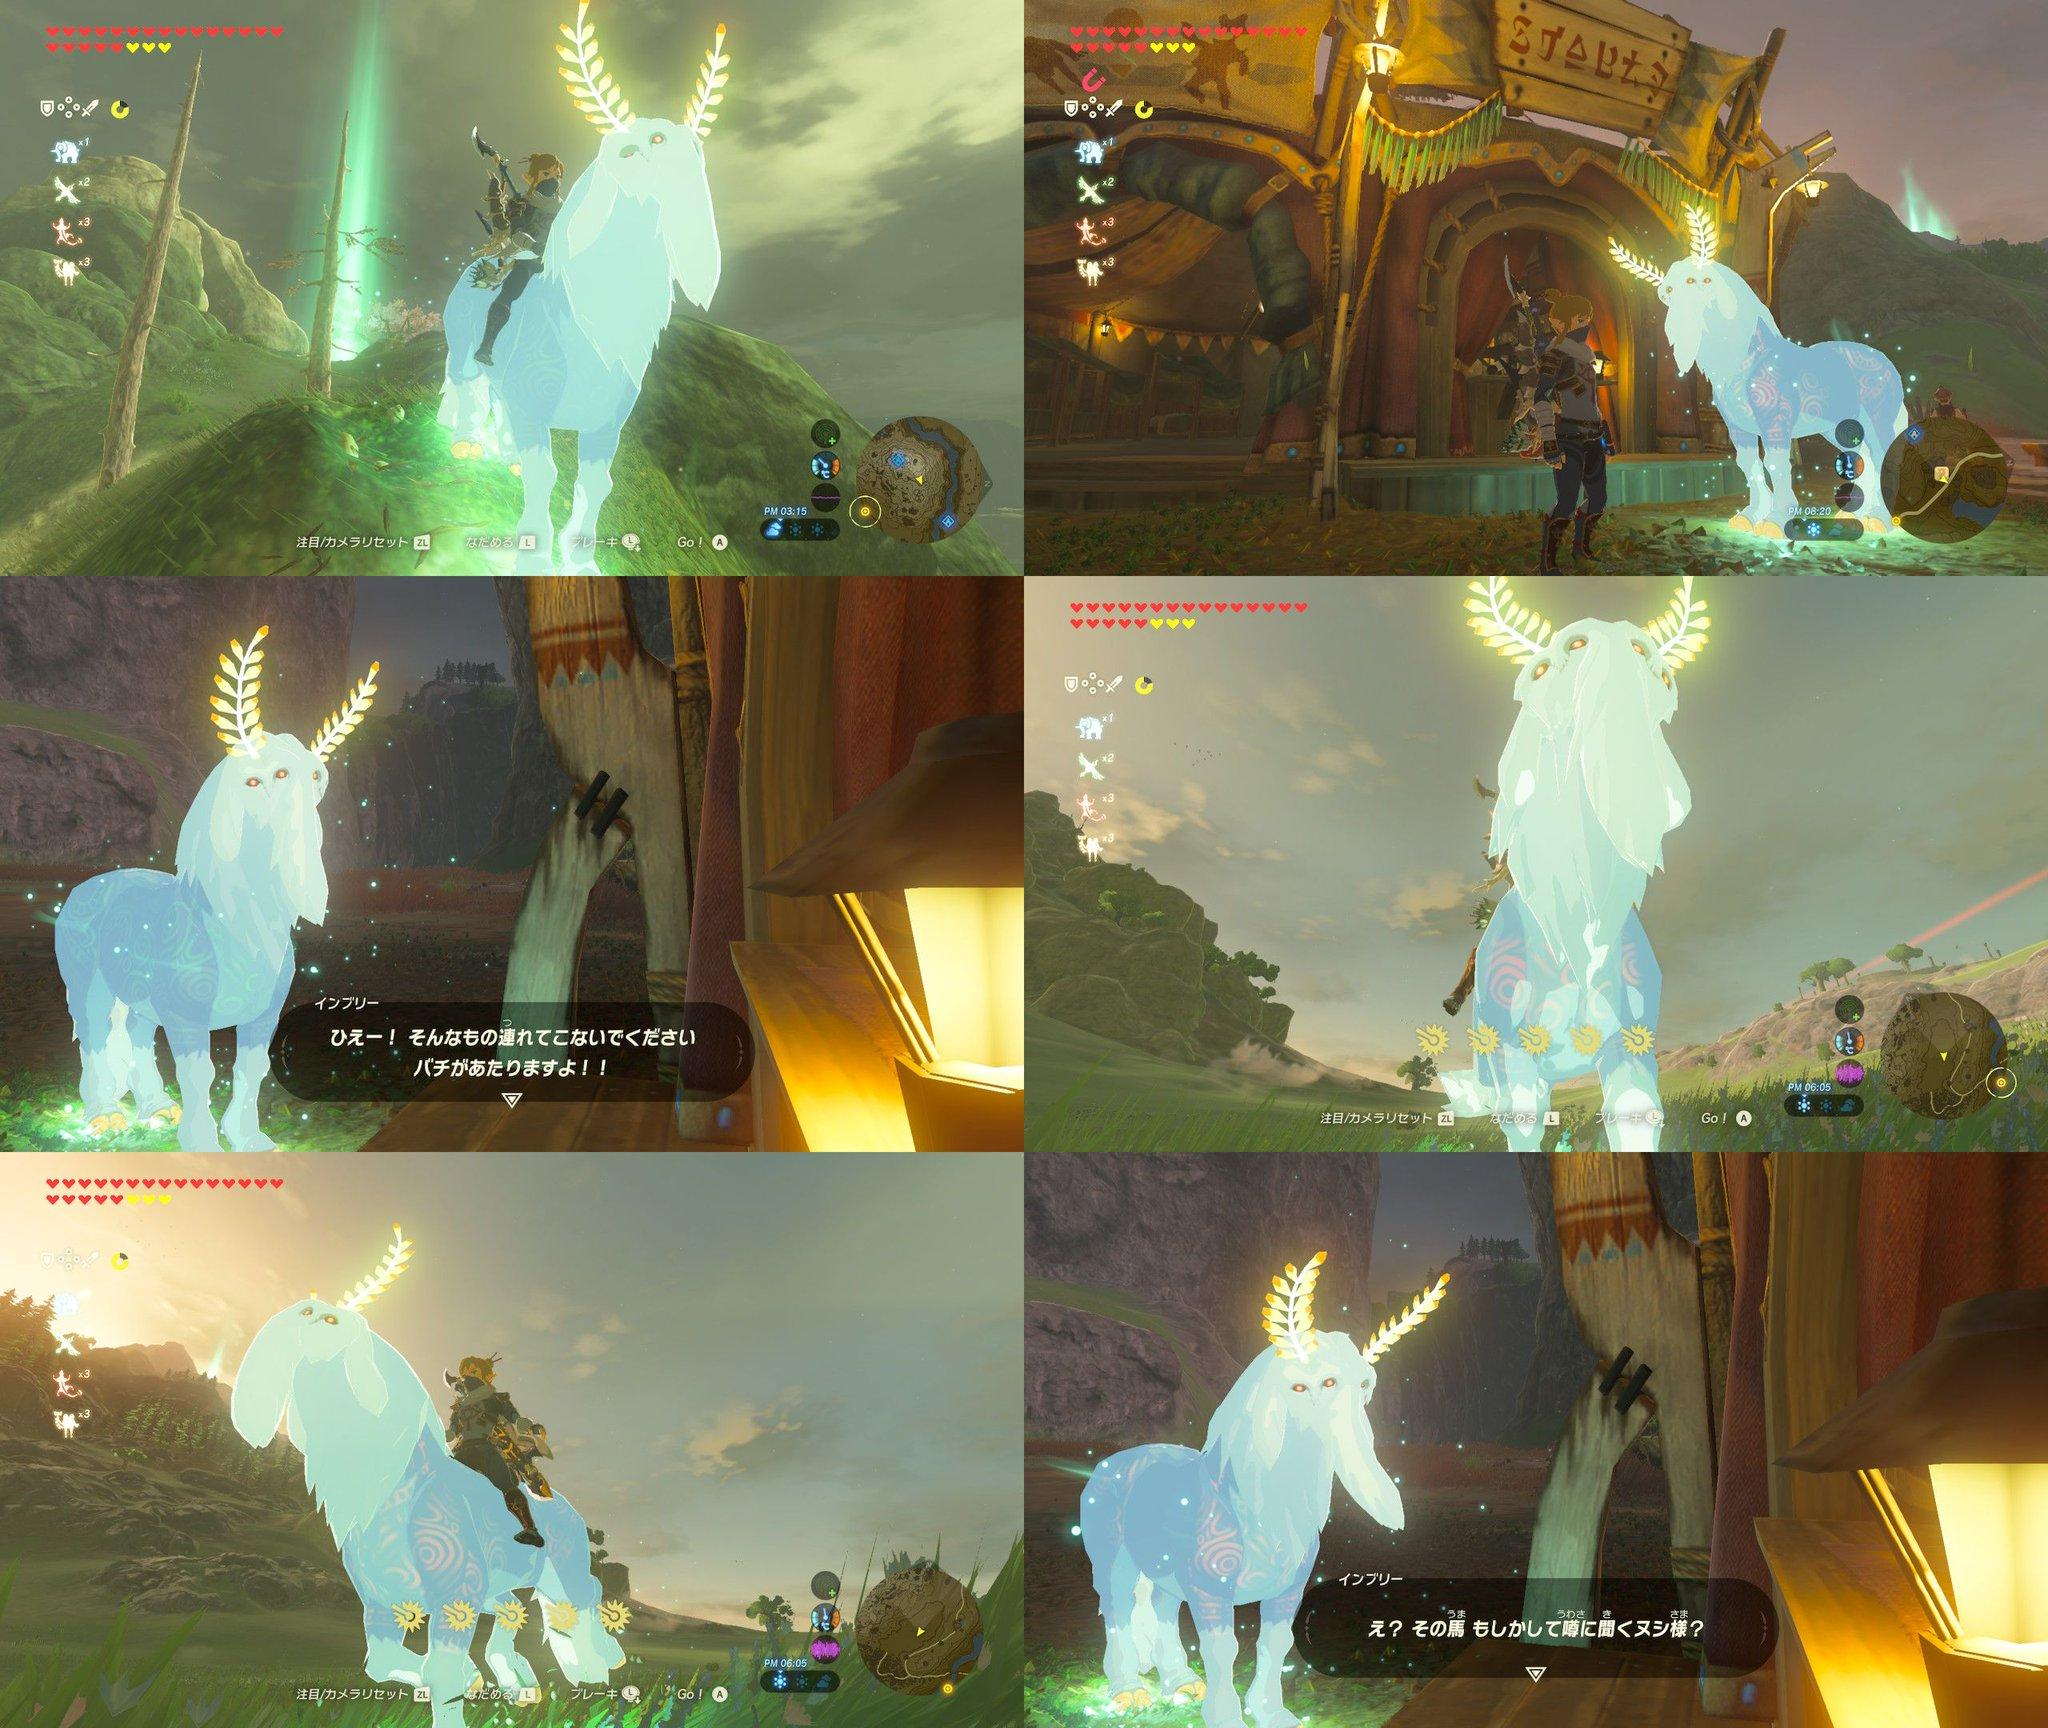 サトリ山のヌシを馬宿に🏨🐎✨ #ゼルダの伝説 #BreathoftheWild #NintendoSwitch https://t.co/8nRnWNMDFI